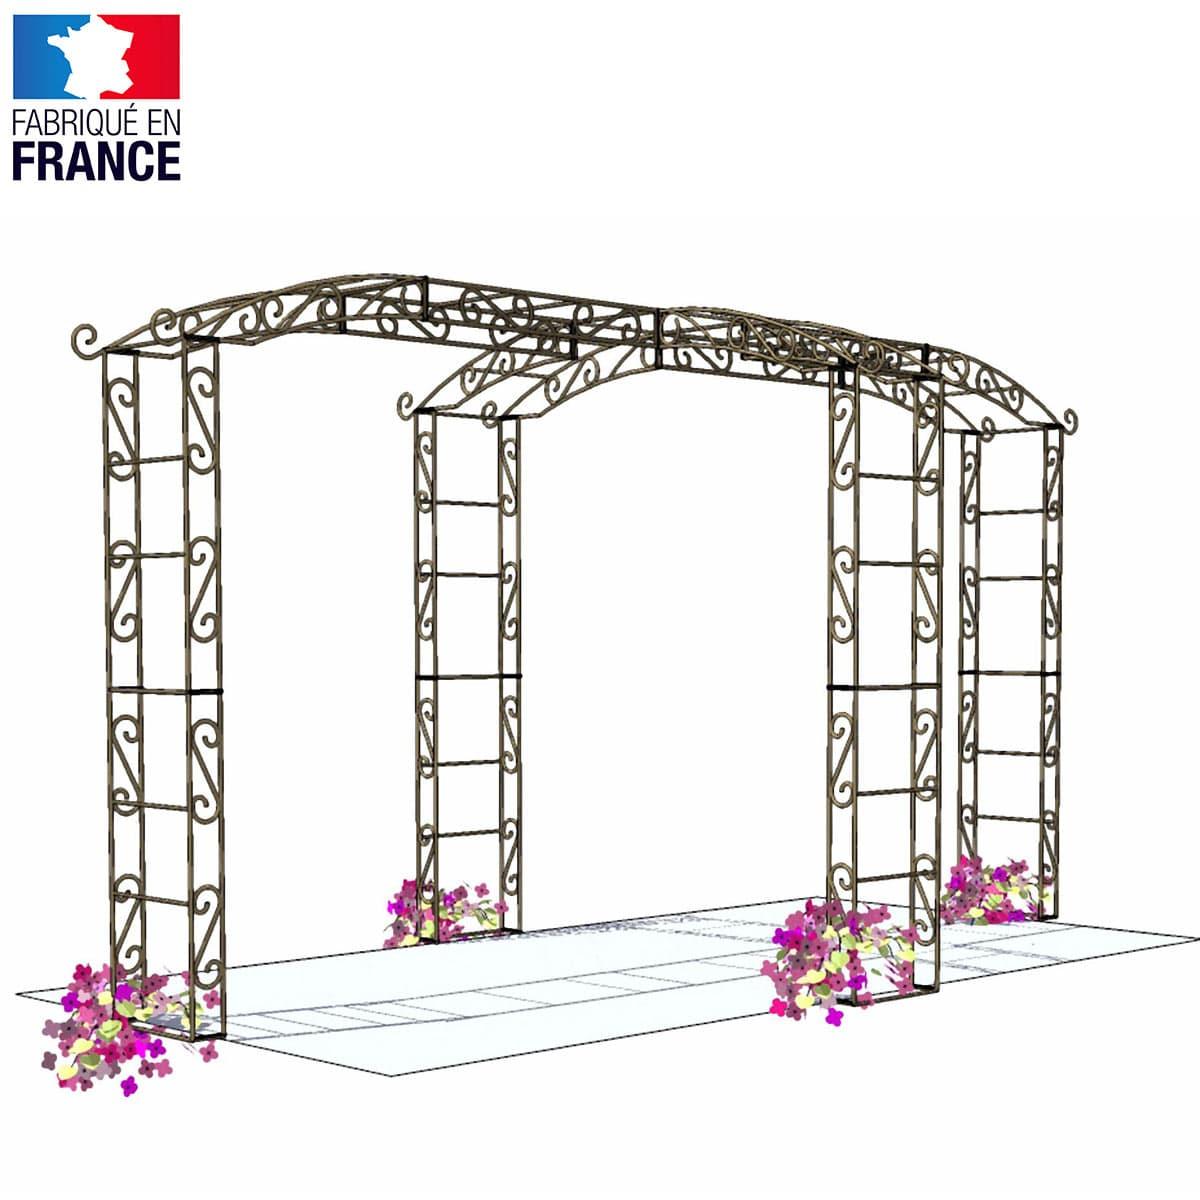 Kiosque de jardin tonnelle 4 pieds Rallonge - Arches Kiosque et Marquise